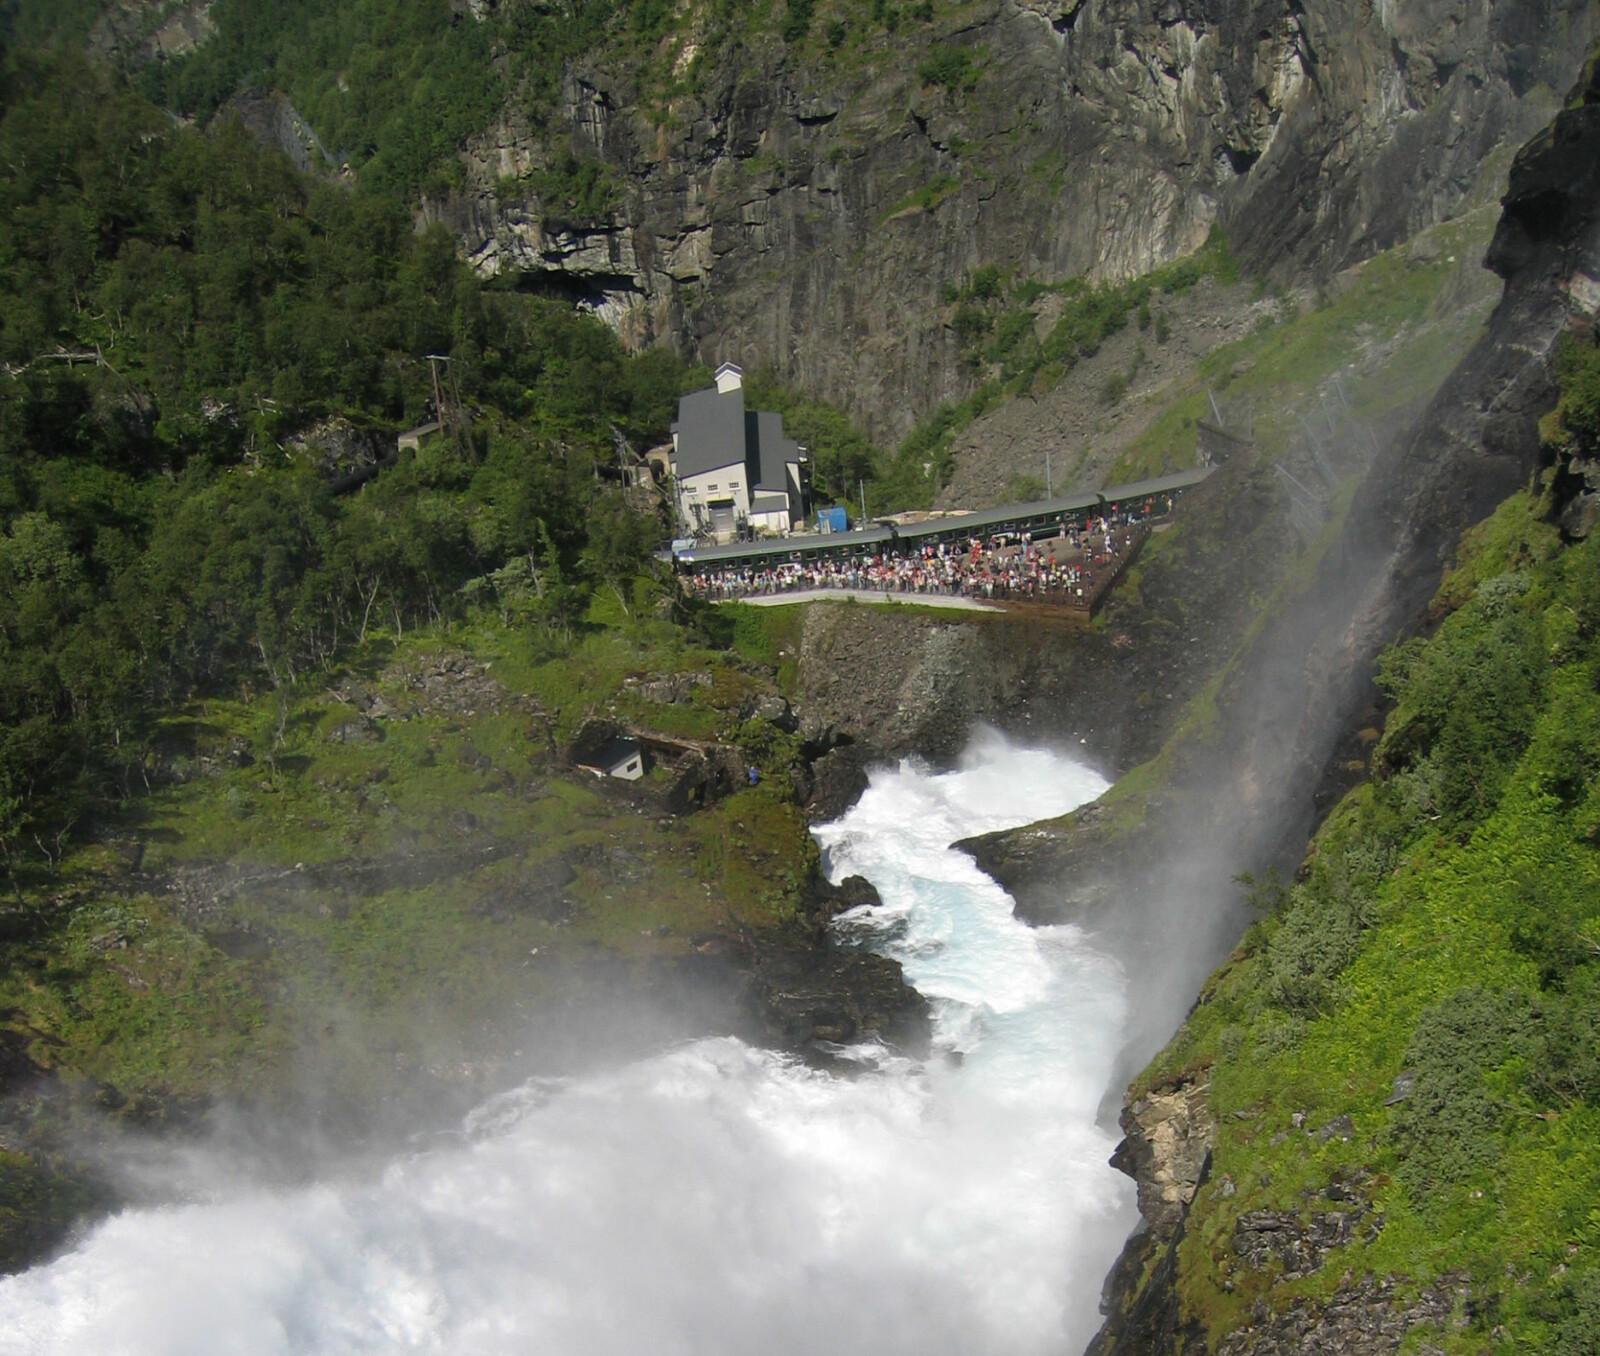 <b>FLÅMSBANEN:</b> Hvert år kommer tusenvis av turister til Norge for å kjøre Norges mest spektakulære togtur, Flåmsbanen.